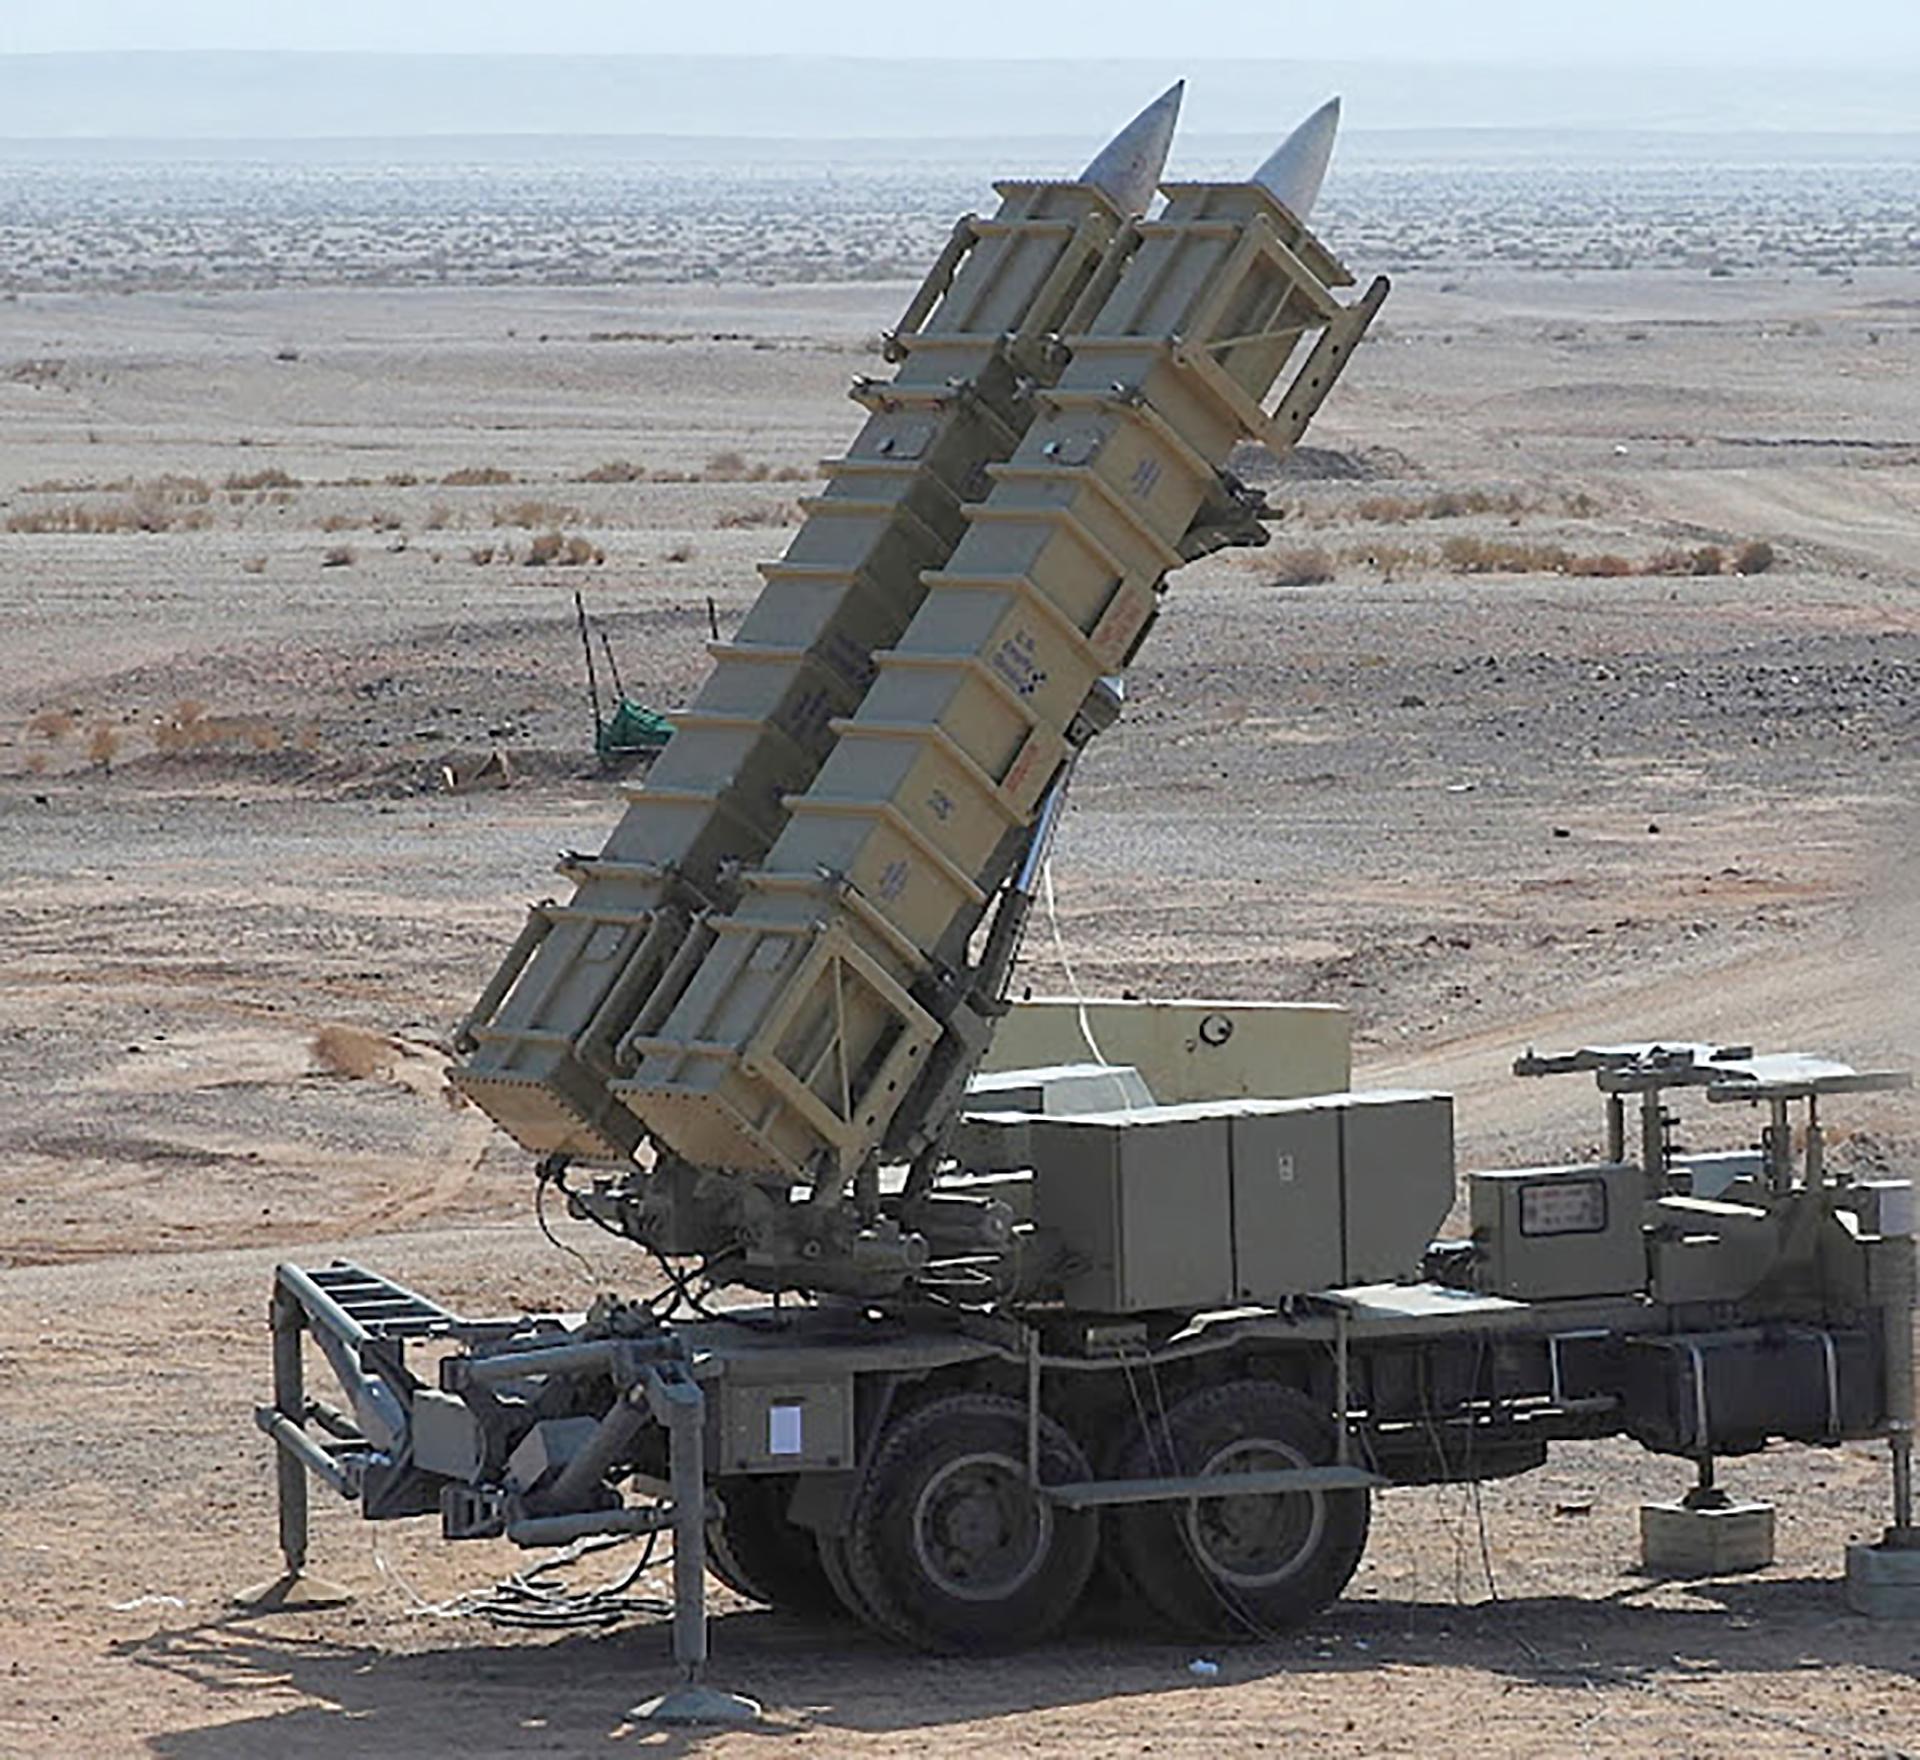 El Bavar 373 está basado en el S-300 ruso y es capaz de derribar aviones de combate, drones y misiles balísticos y de crucero (Tasnim)